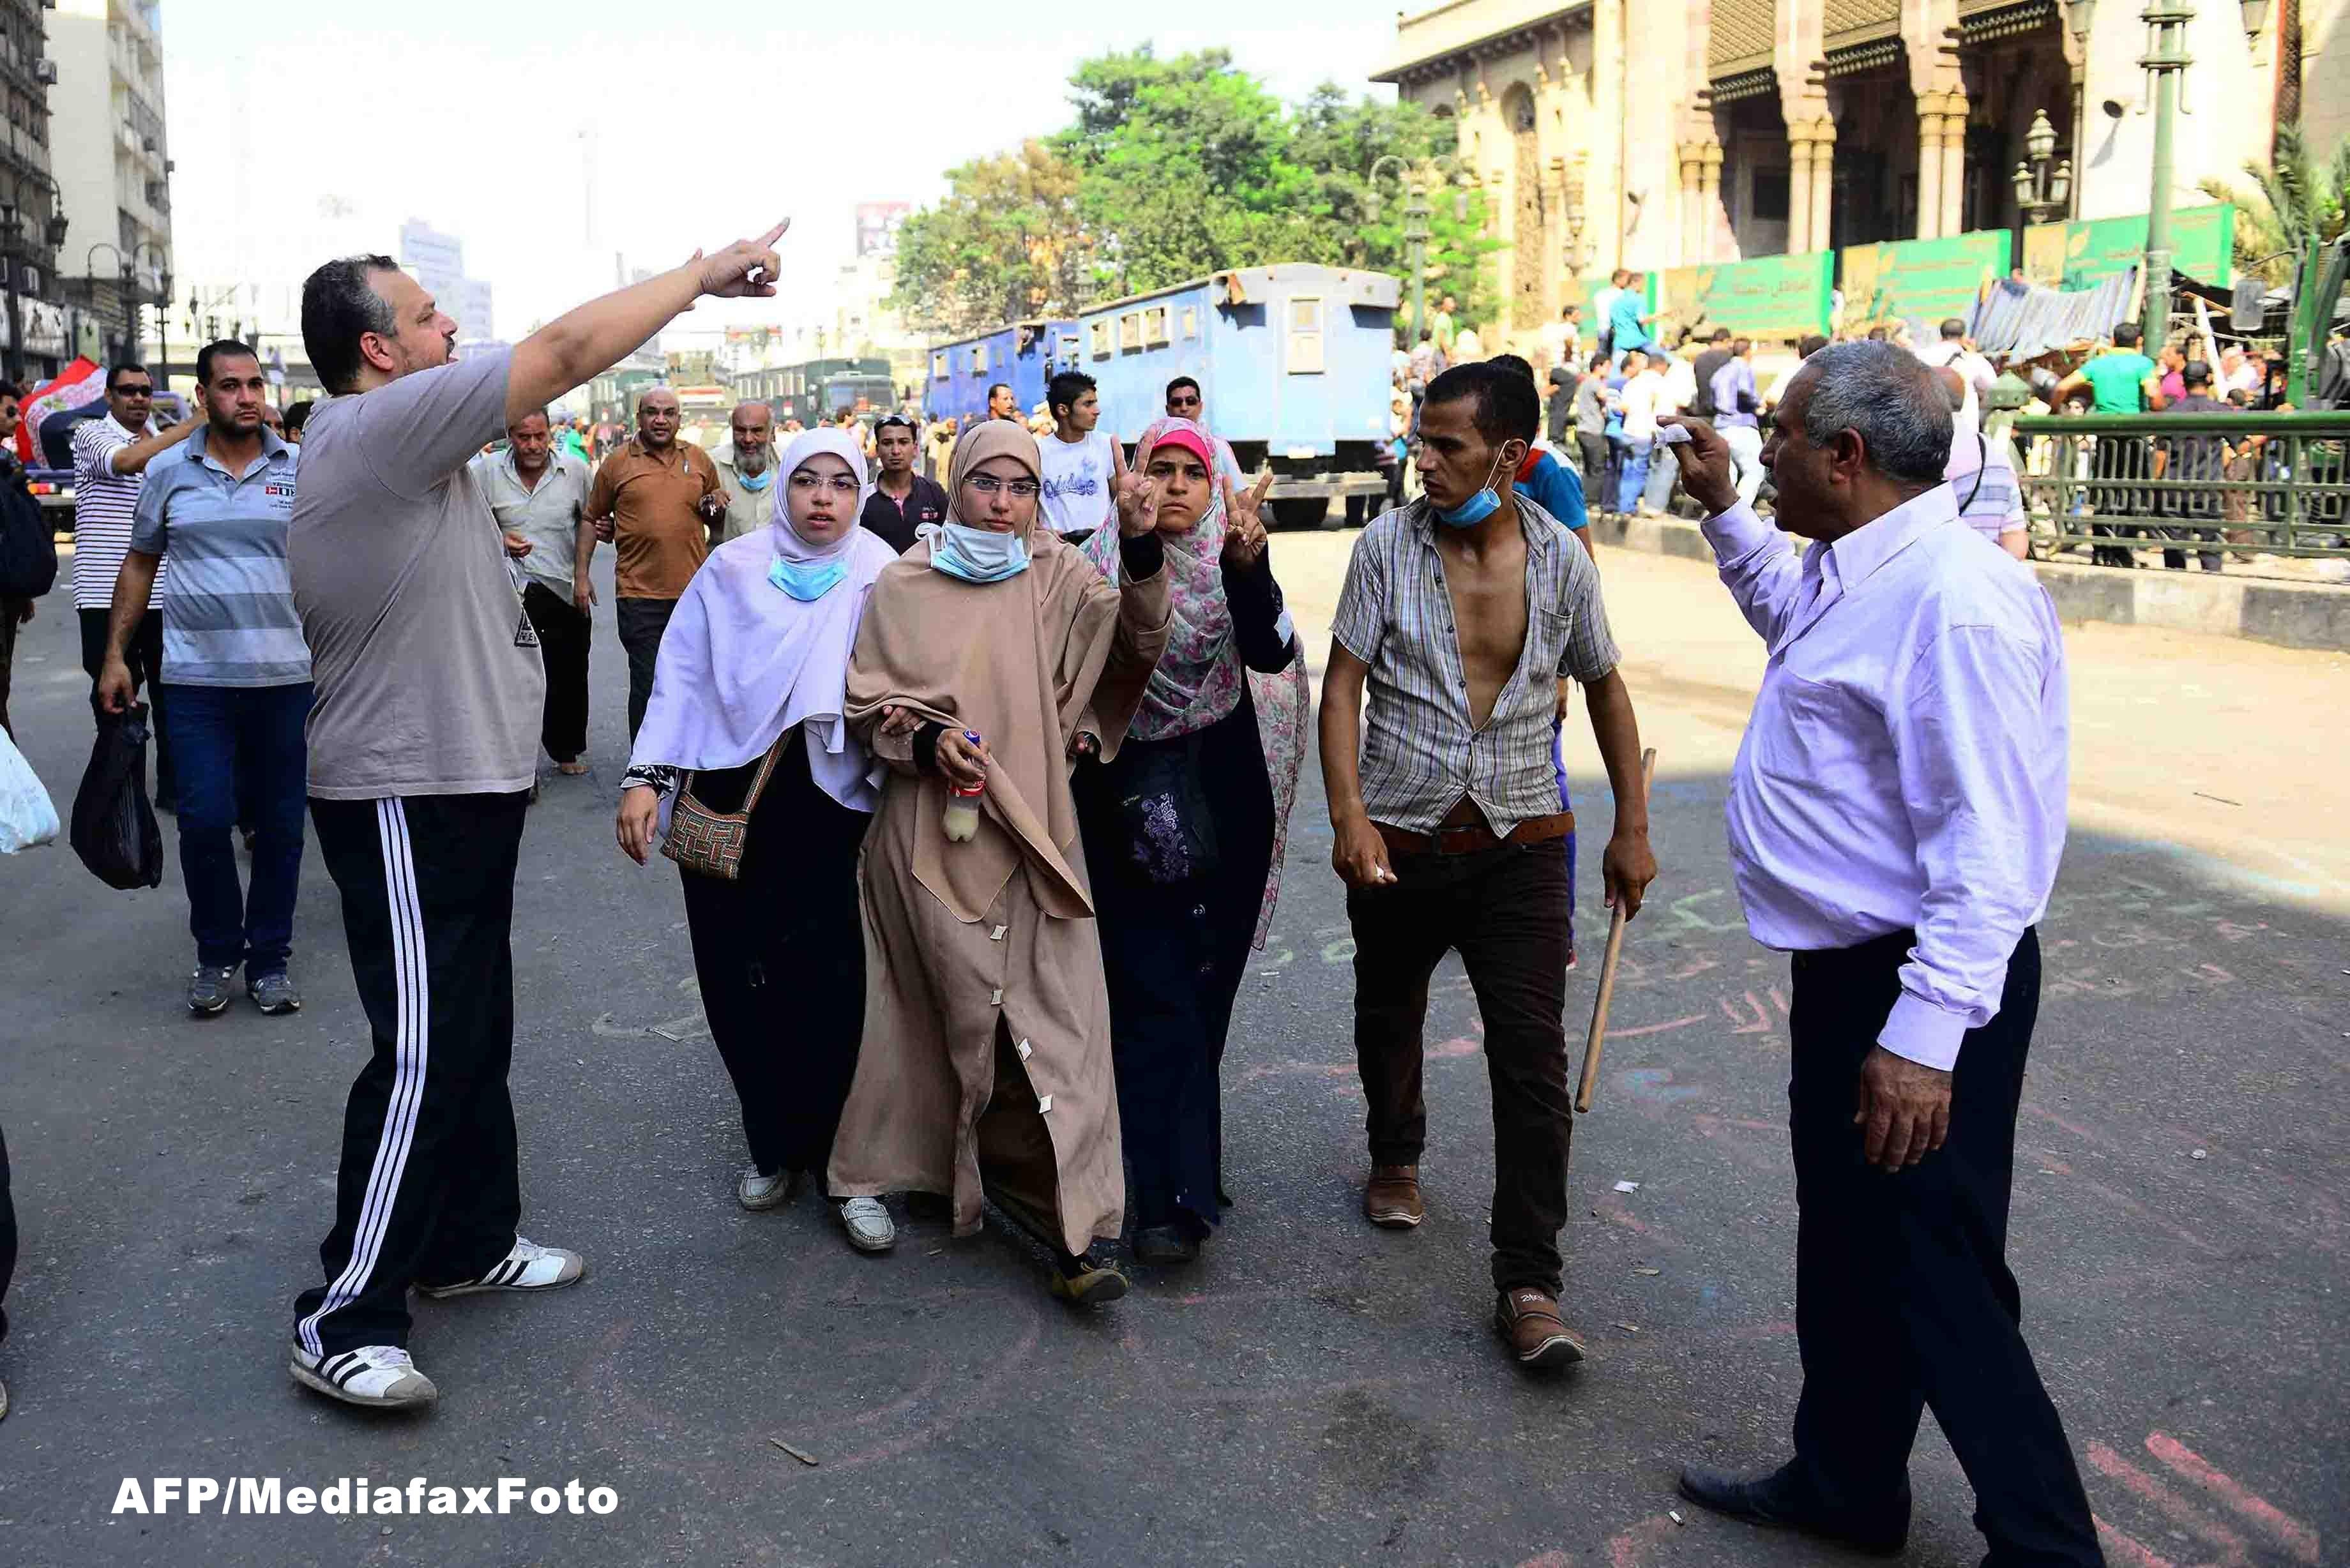 CRIZA IN EGIPT: Fortele speciale au evacuat protestatarii islamisti baricadati in moscheea din Cairo